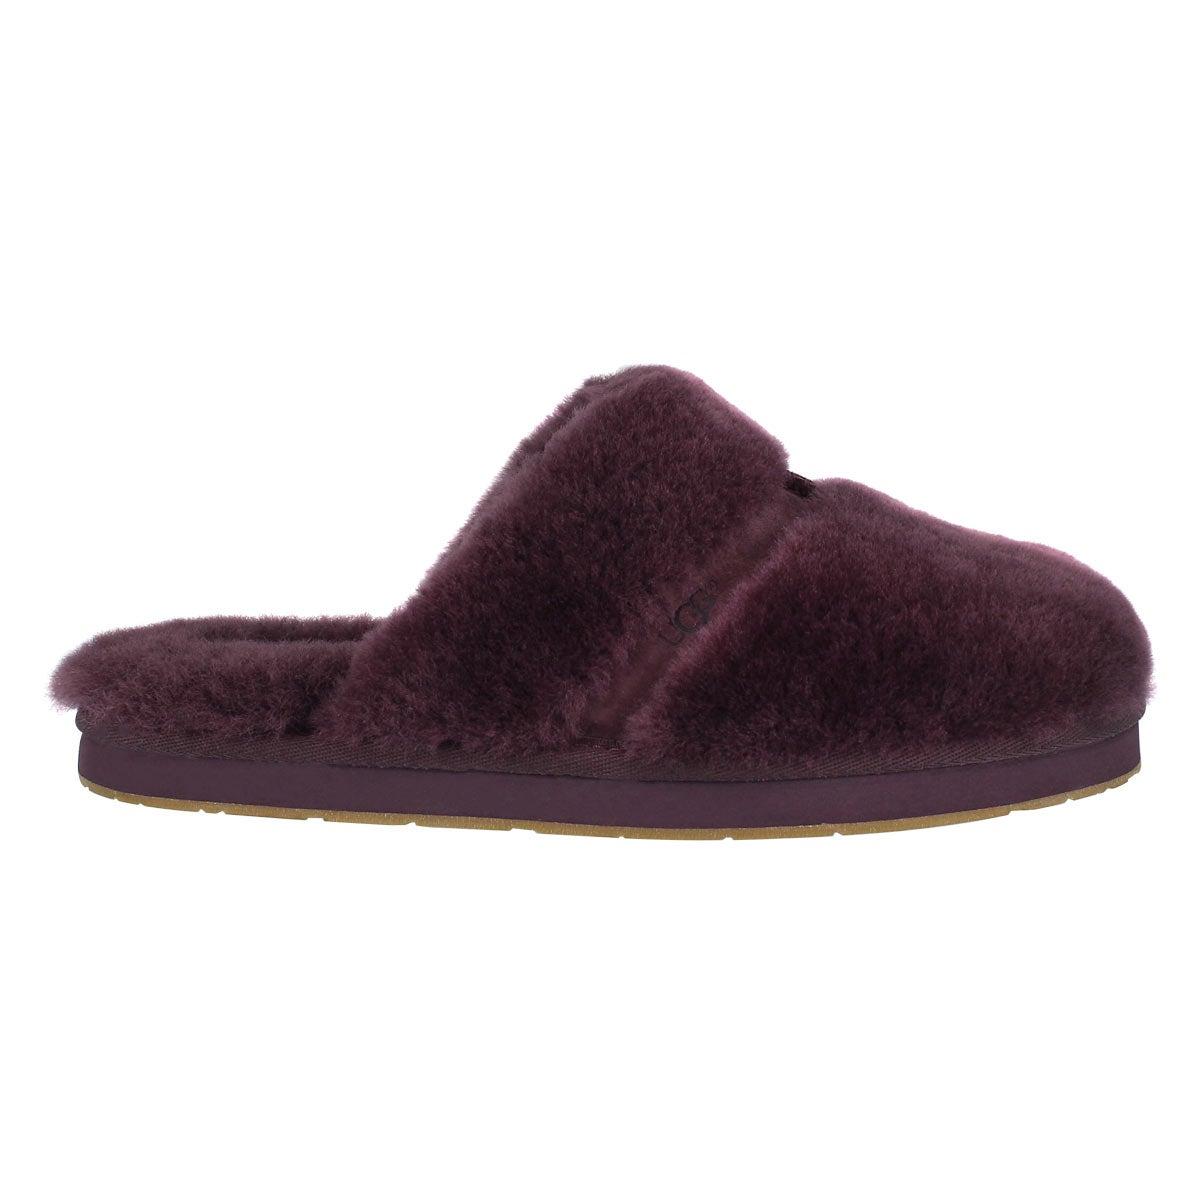 Lds Dalla port sheepskin slipper